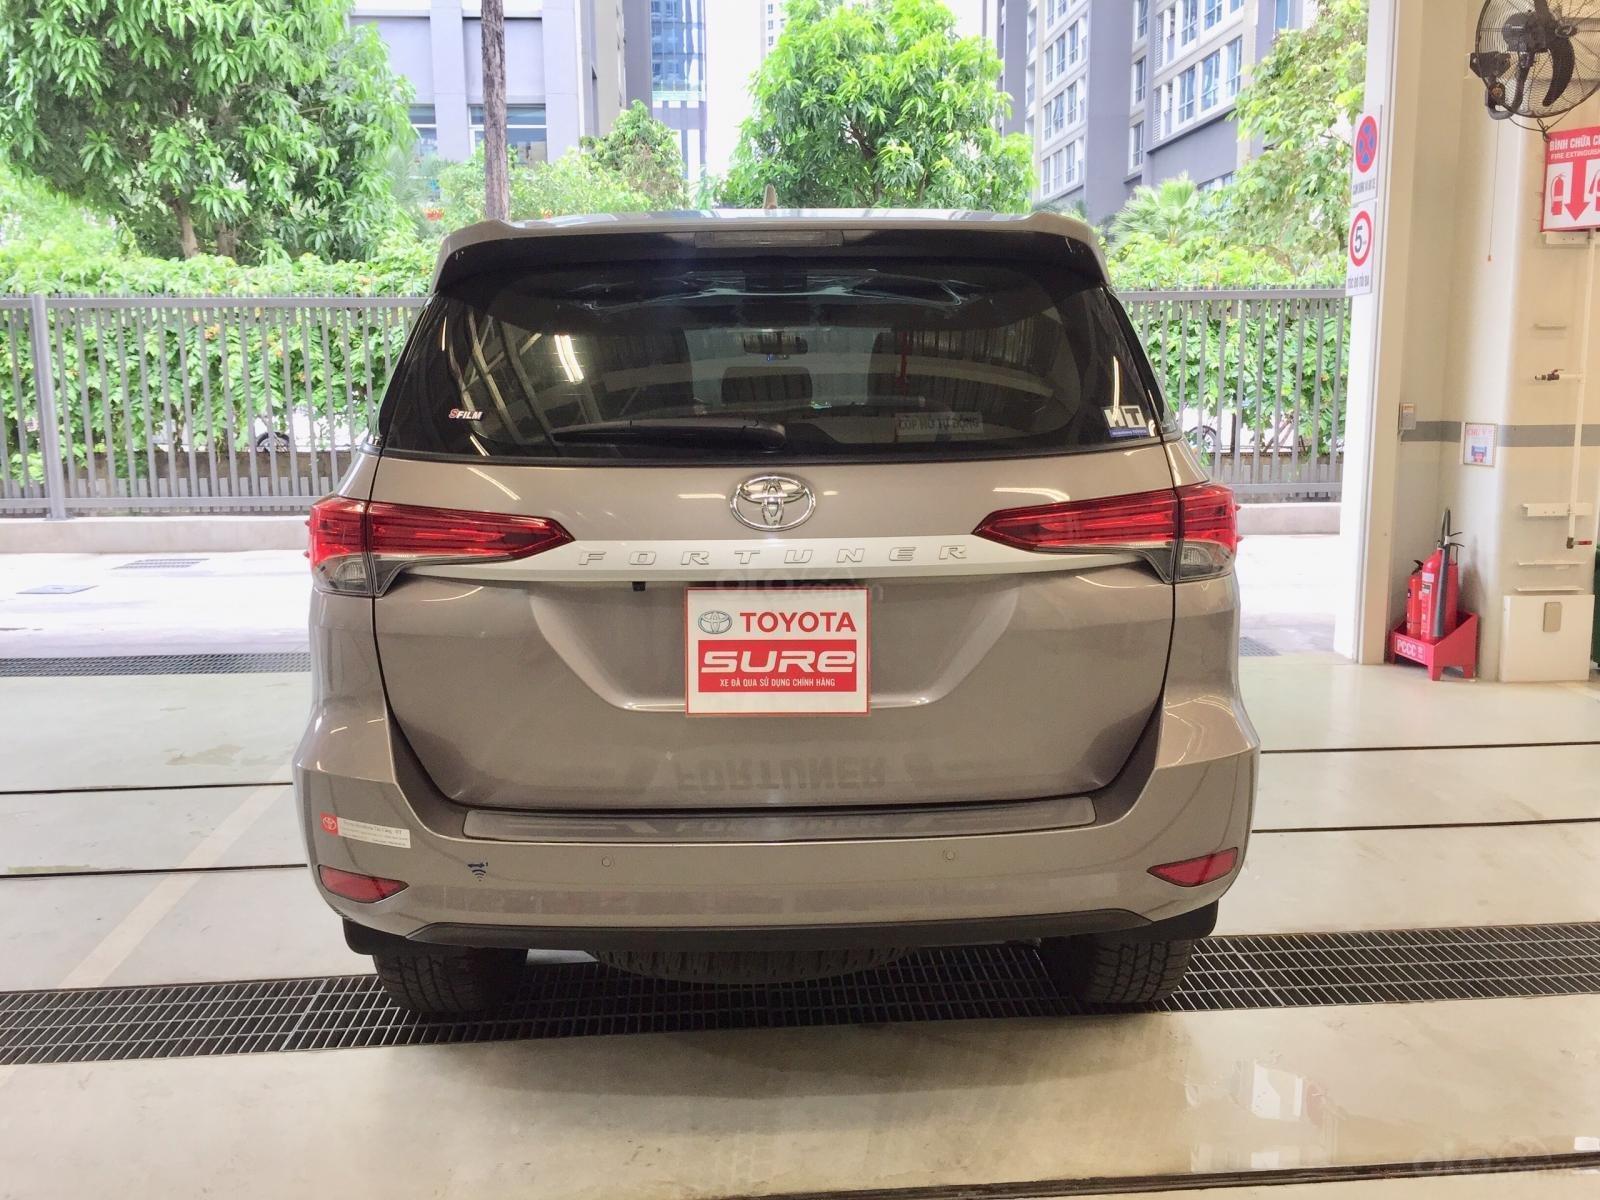 Thanh lý xe Toyota Fortuner 2.4G MT 2019, màu đồng, xe đi được đi 8.700km - xe chất giá tốt (6)